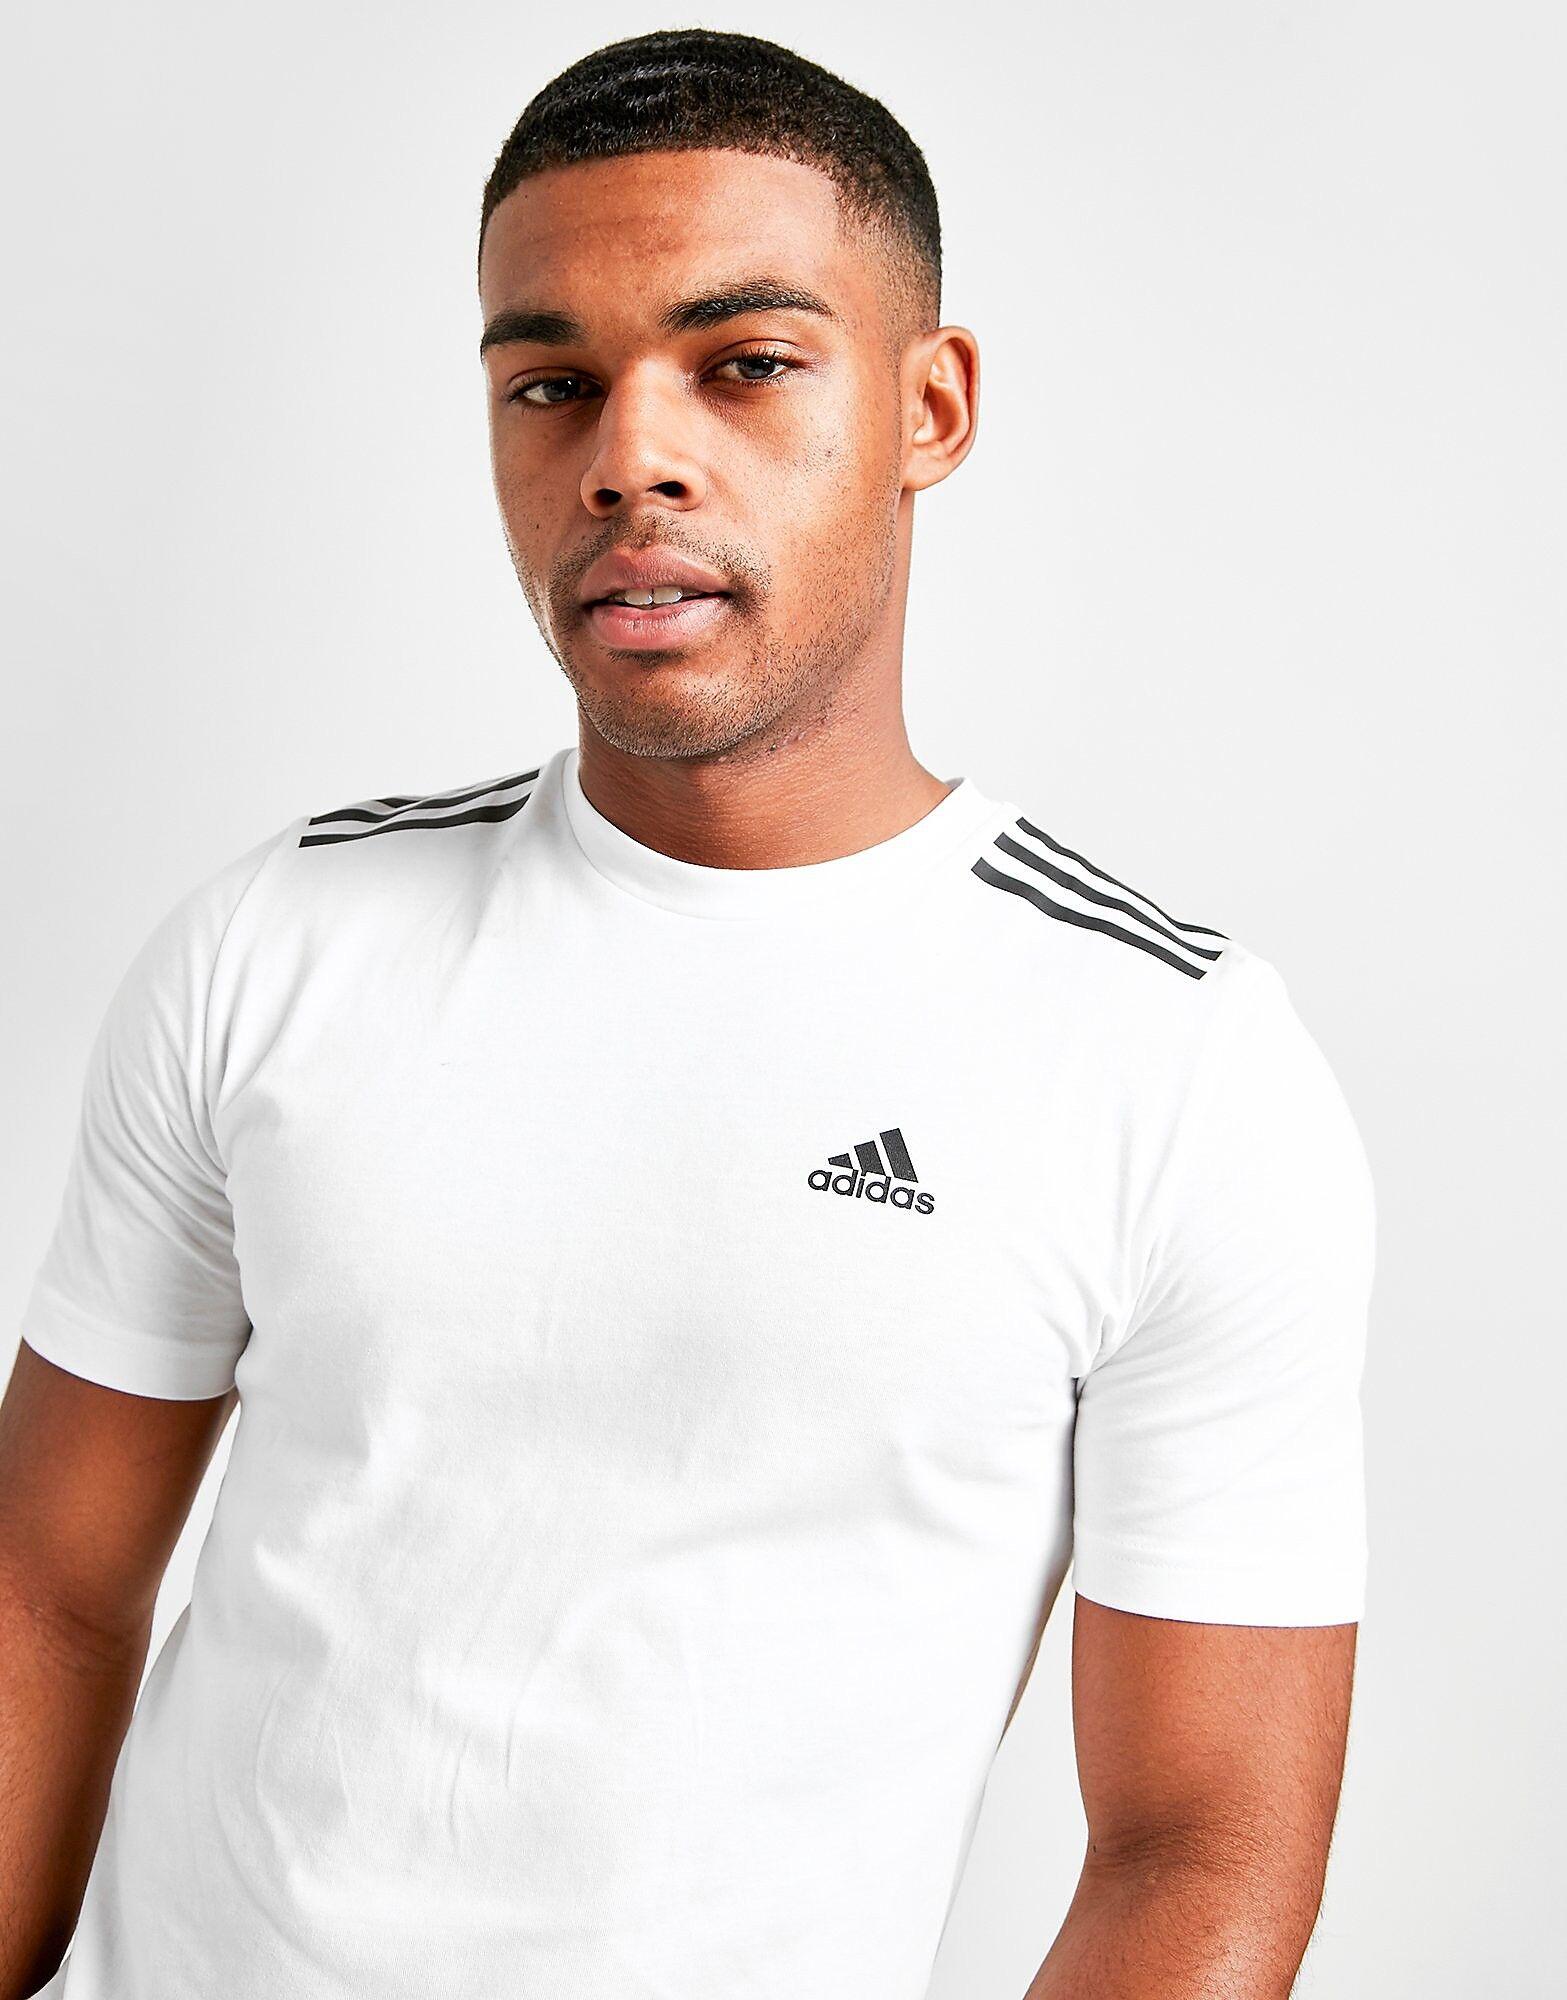 Image of Adidas T-paita Miehet - Only at JD - Mens, Valkoinen